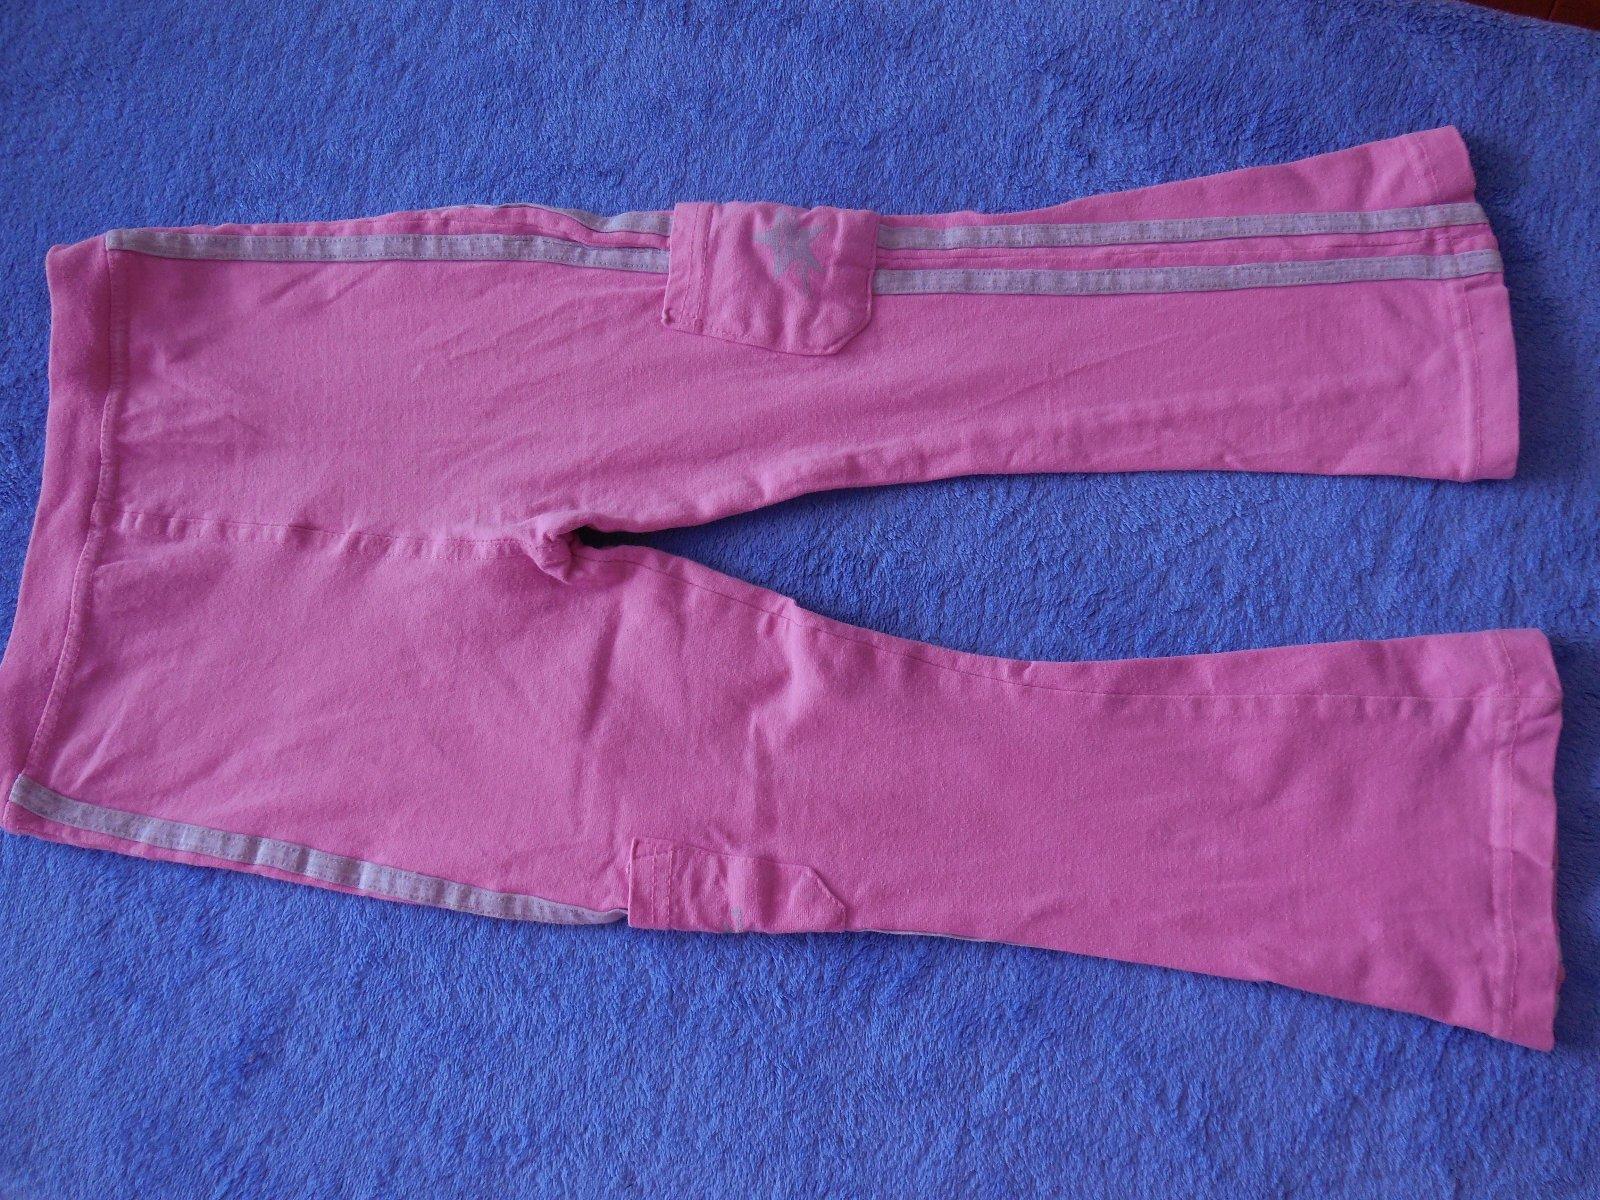 db876e919 Ružové tenké tepláky veľkosť 104/110, 104 - 0,30 € od predávajúcej  mikinuska | Detský bazár | ModryKonik.sk